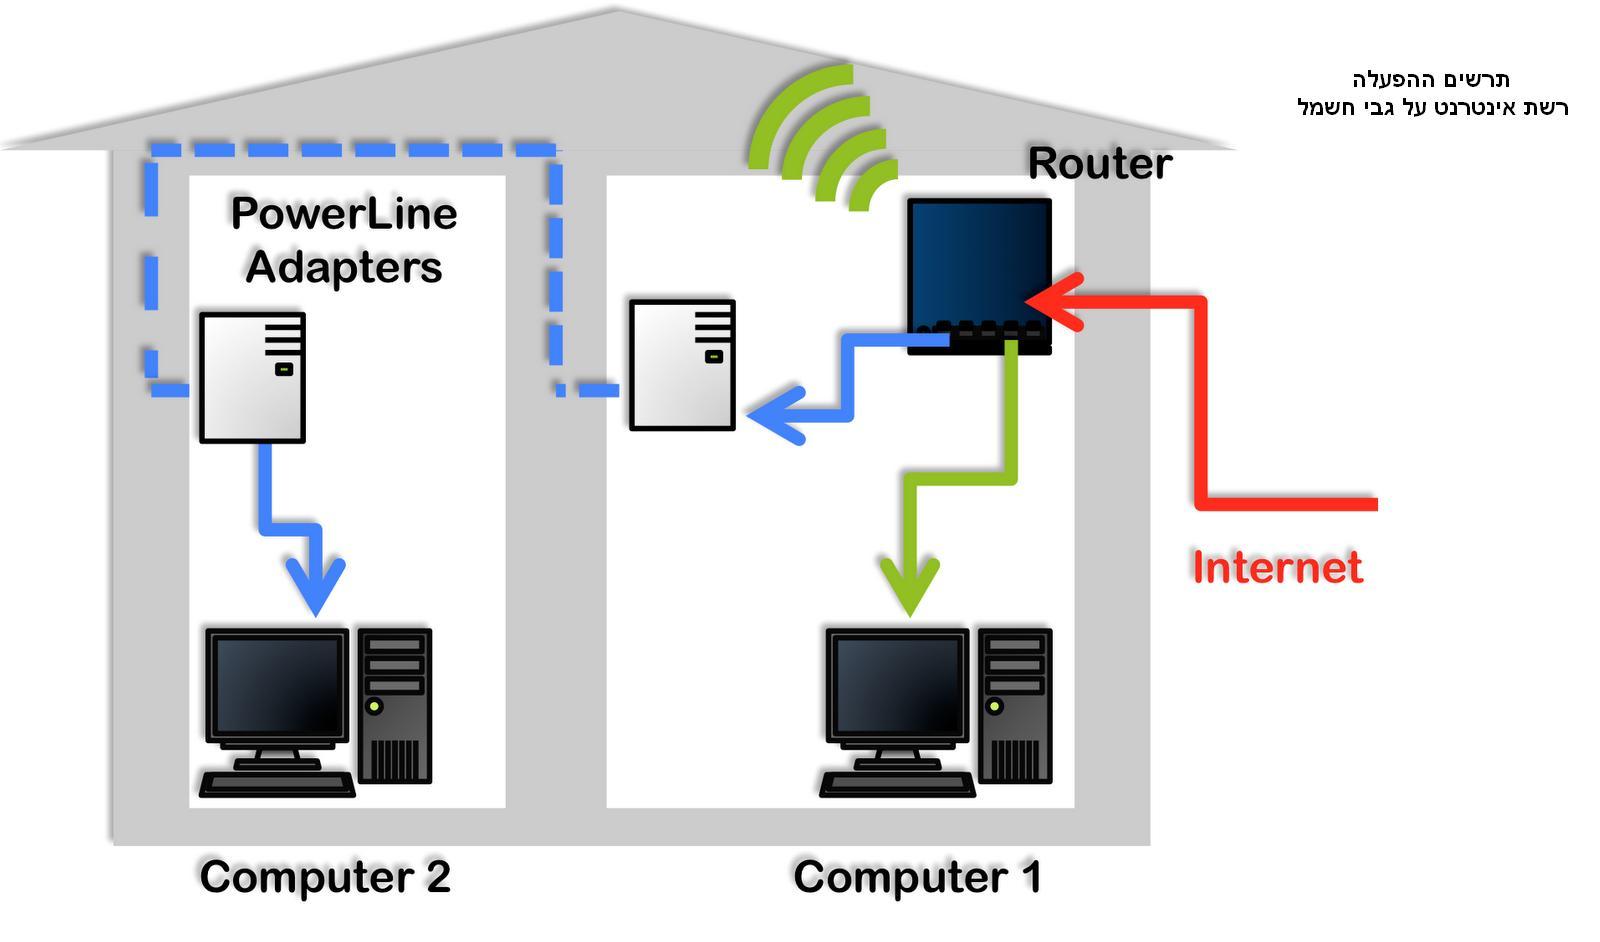 מעולה הסוף לבעיות הקליטה! זוג מתאמים להעברת רשת האינטרנט על גבי רשת SQ-42